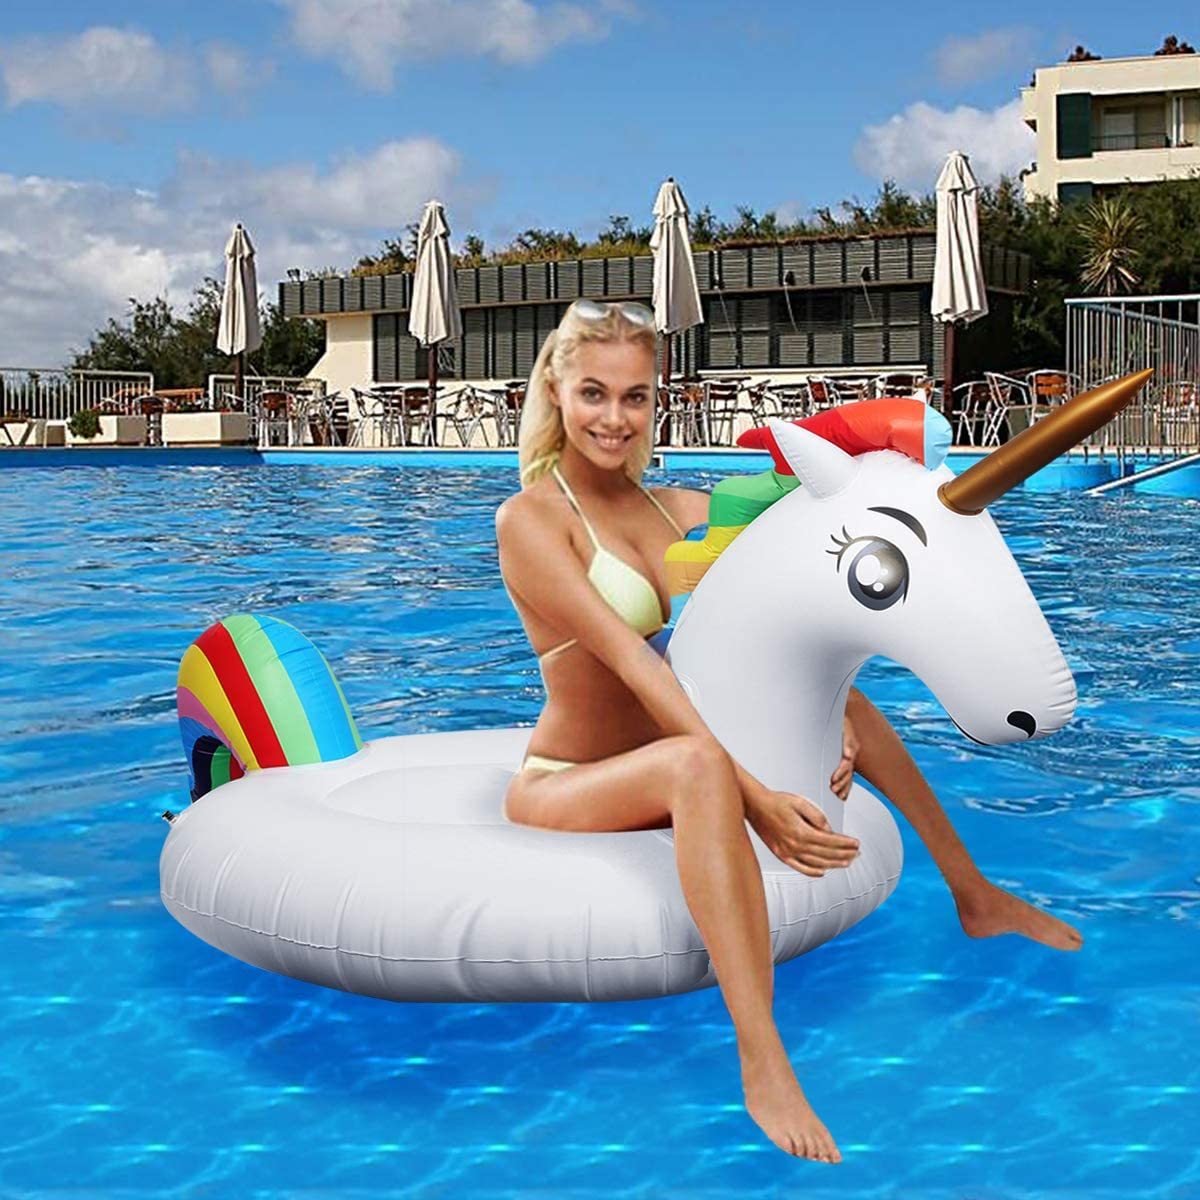 Flotador inflable para piscina con forma de unicornio, paseo flotante gigante con válvulas rápidas para adultos niños playa fiestas de piscina juegos Decoraciones de salón terraza (200x100x90 cm)